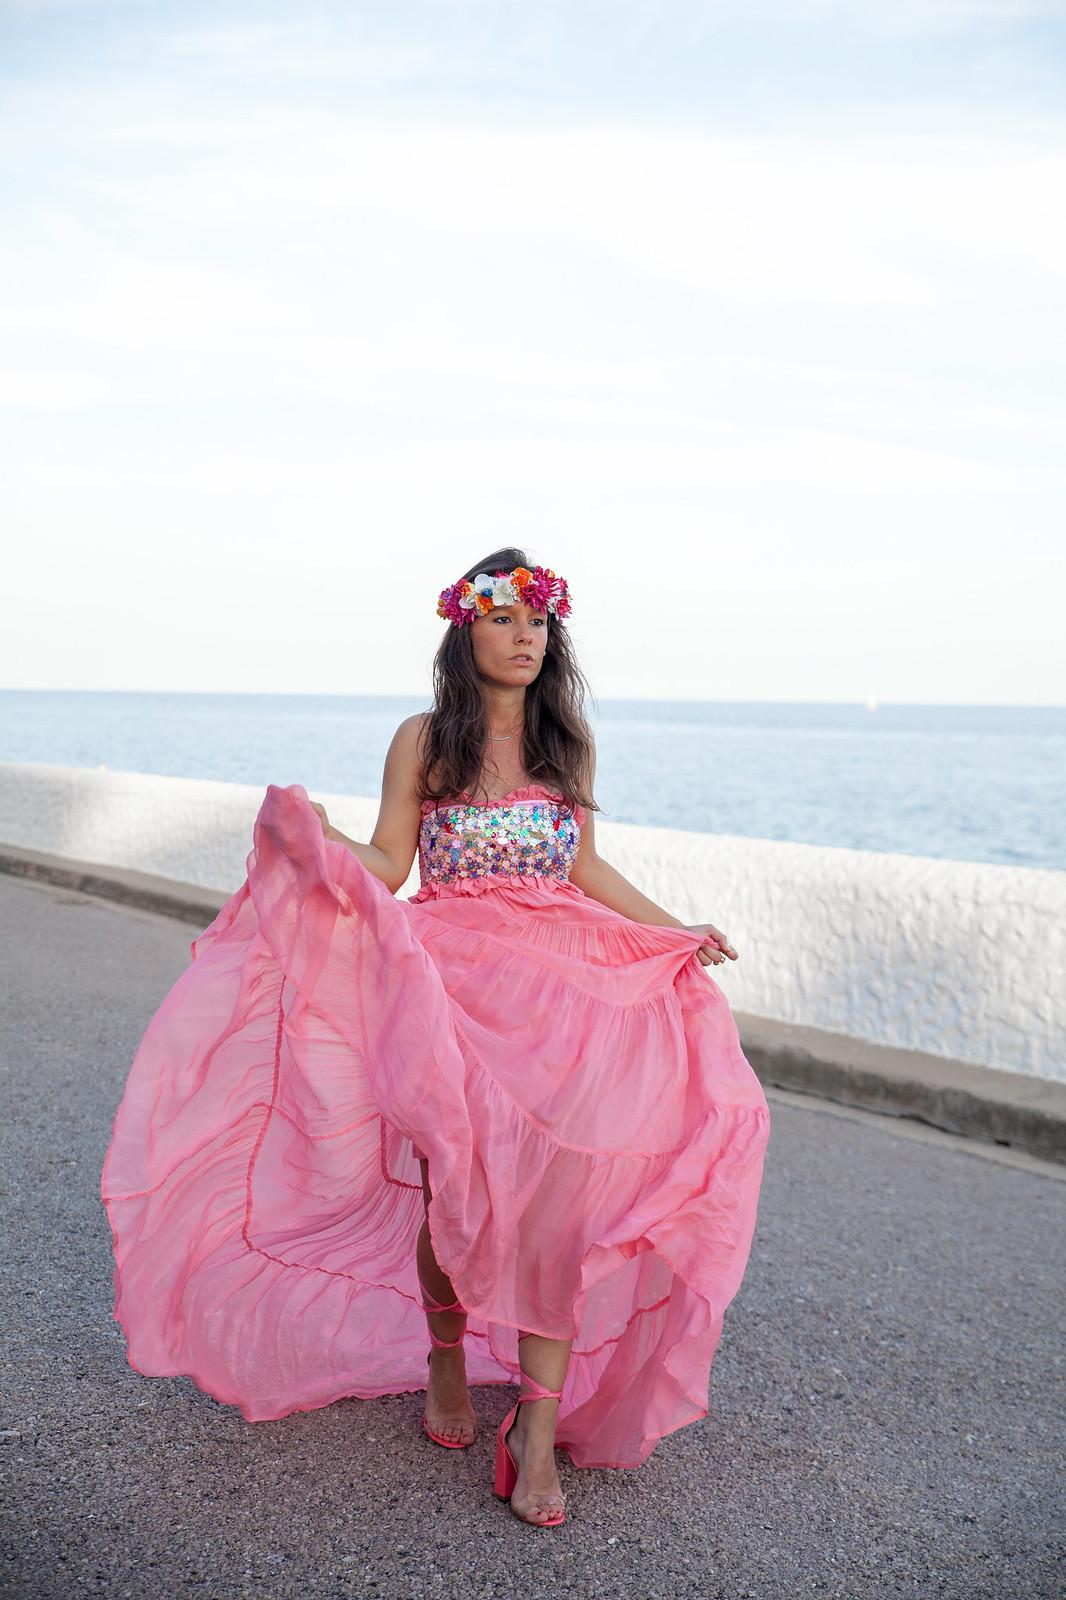 05_El_vestido_perfecto_fiesta_san_juan_verbena_highly_preppy_theguestgirl_fashion_influencer_barcelona_bilbao_vestido_boda